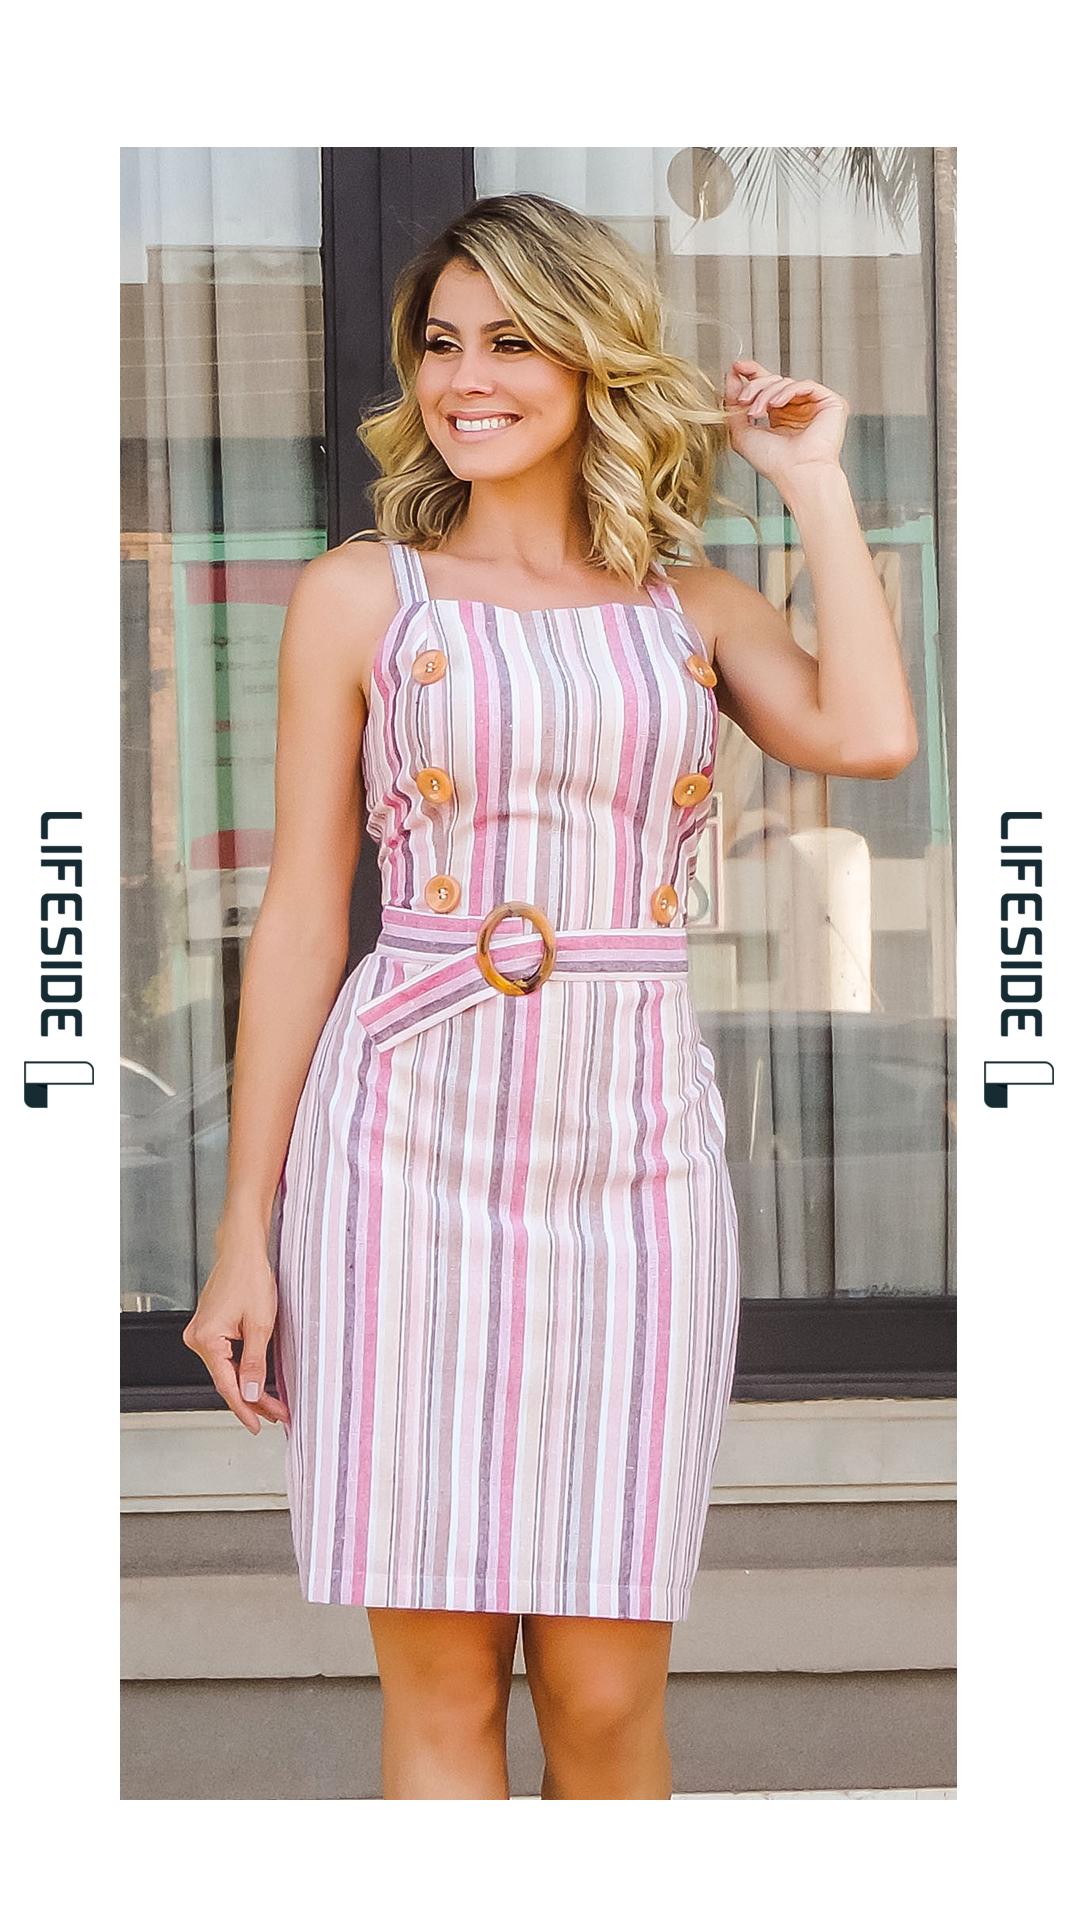 1c8799ef1 LIFESIDE | Moda Feminina Primavera Verão 2019. Vestido em linho listrado em  tons de rosa